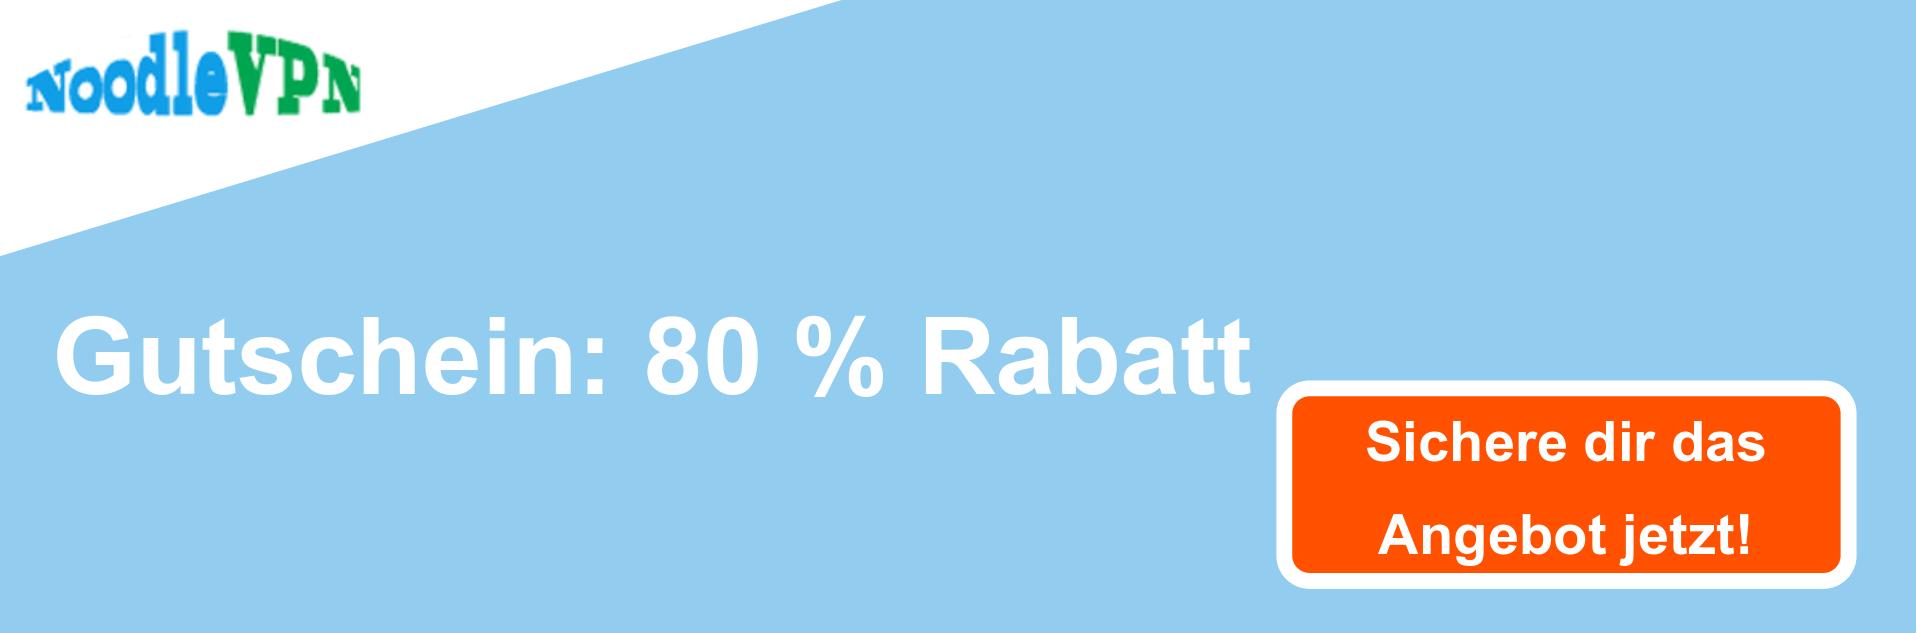 NoodleVPN-Gutscheinbanner - 80% Rabatt